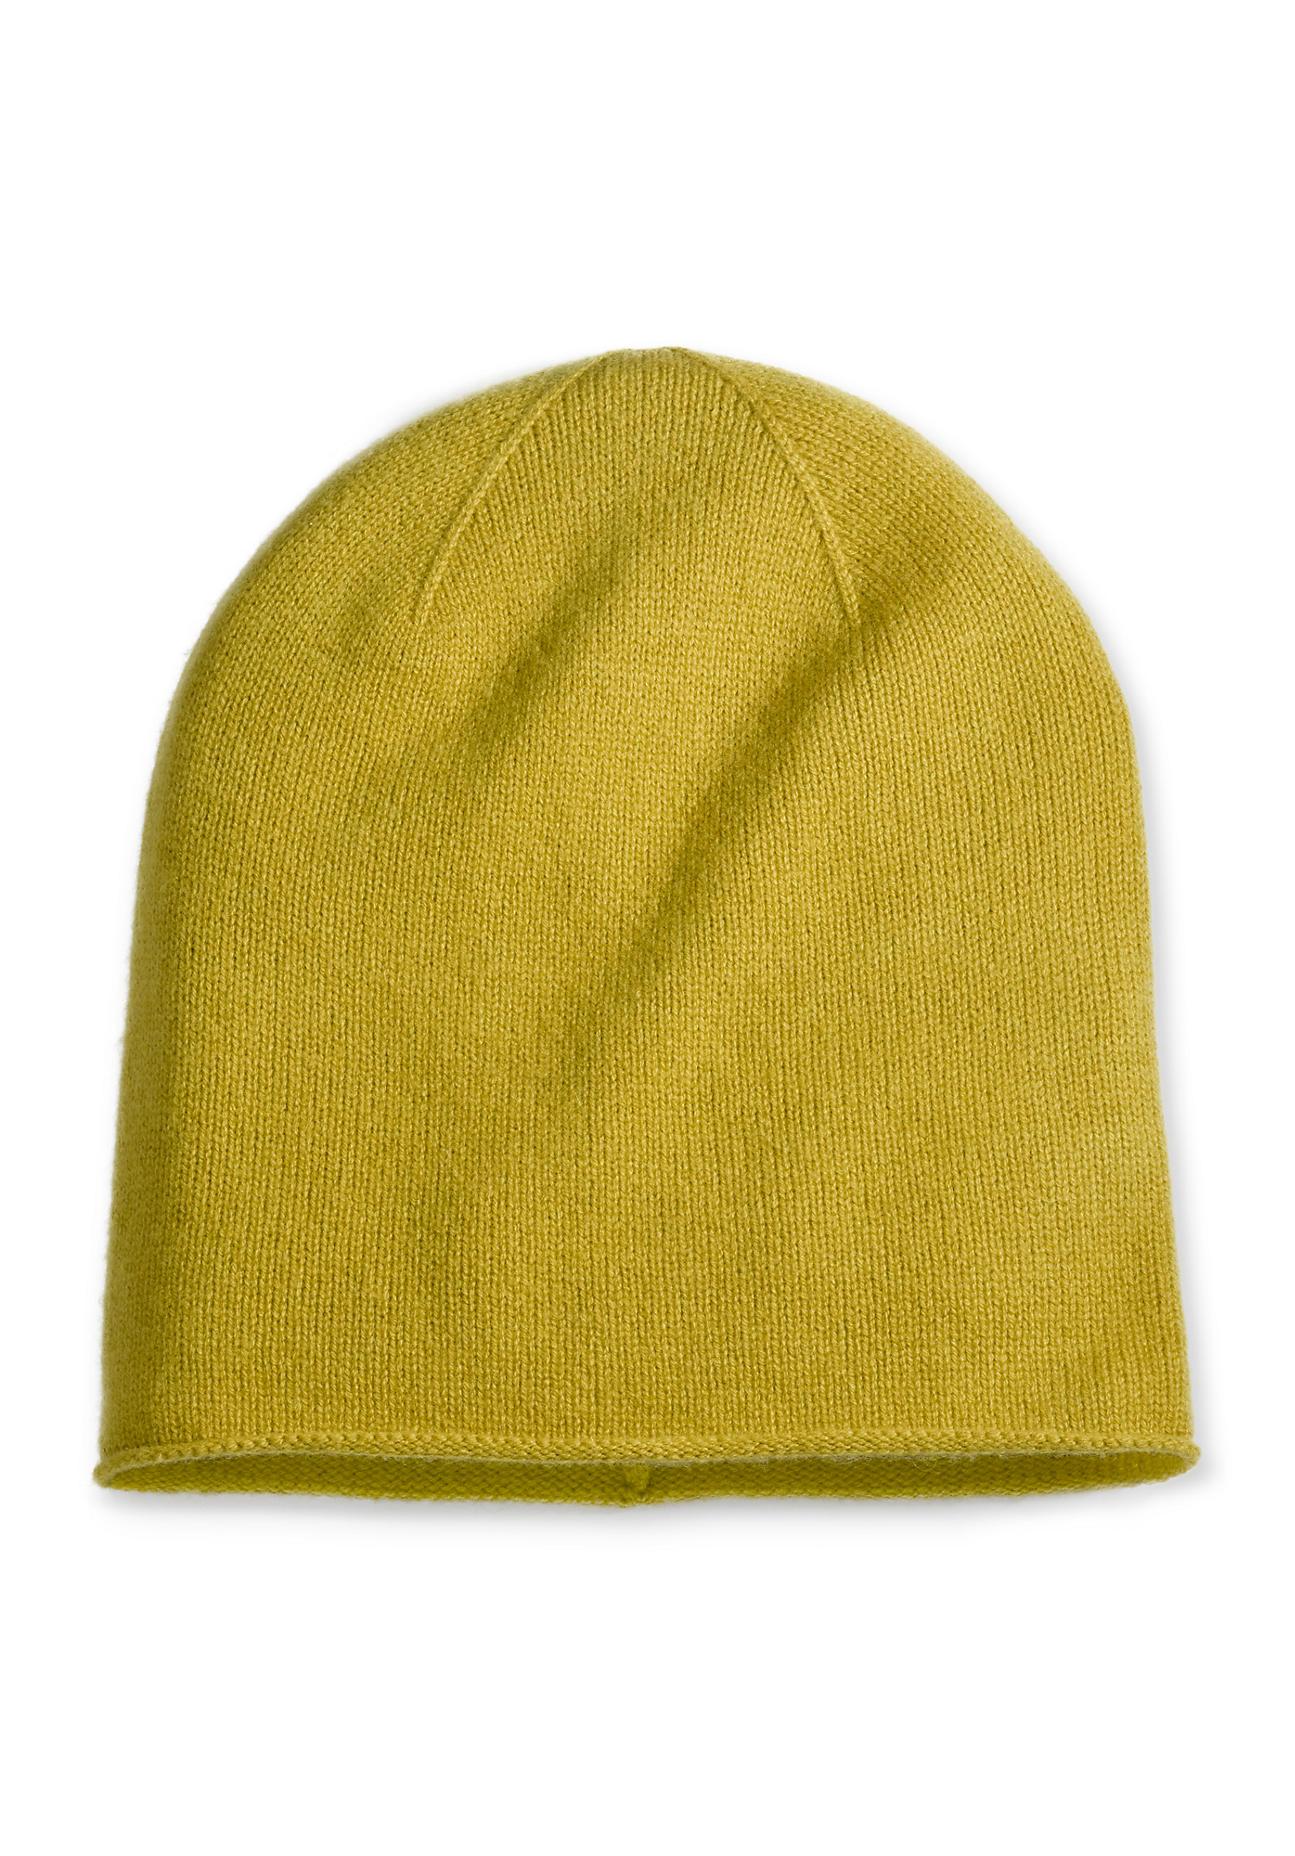 Muetzen für Frauen - hessnatur Damen Damen Mütze aus Schurwolle mit Kaschmir – grün –  - Onlineshop Hessnatur